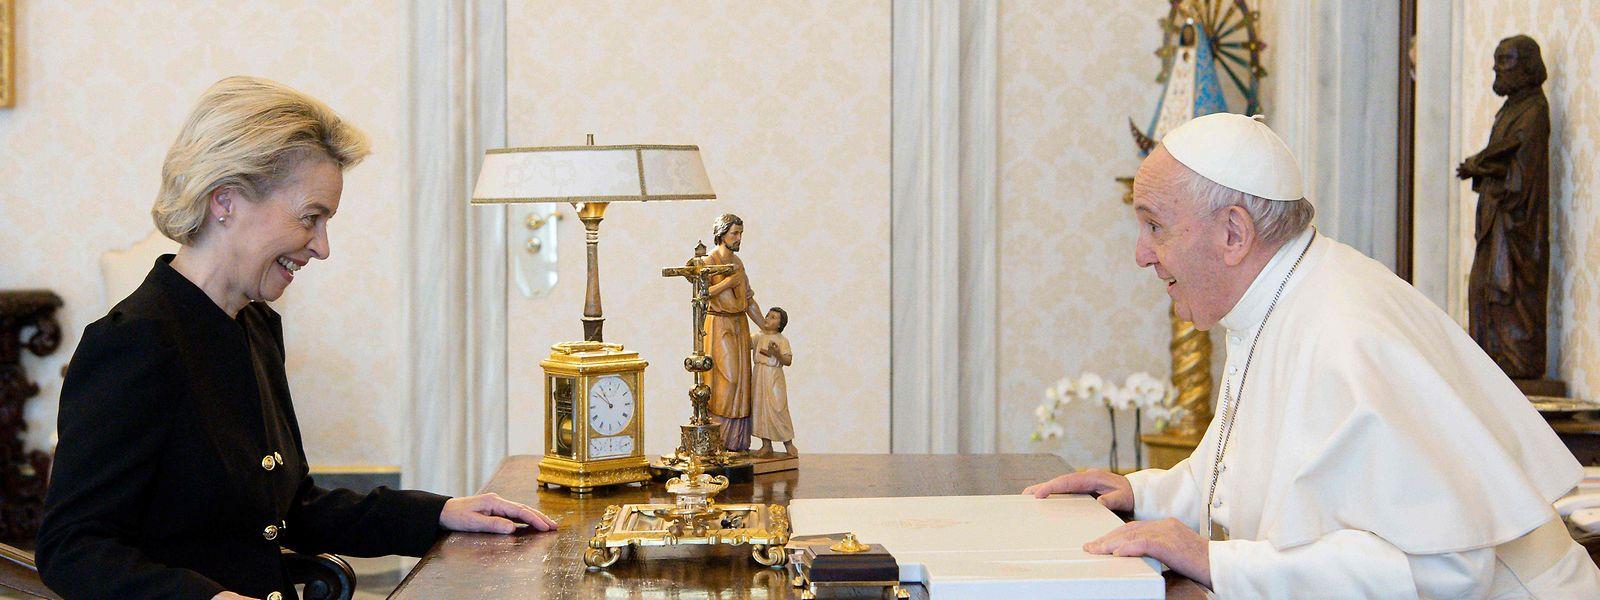 EU-Kommissionspräsidentin Ursula Von der Leyen während der persönlichen Audienz beim Pontifex.